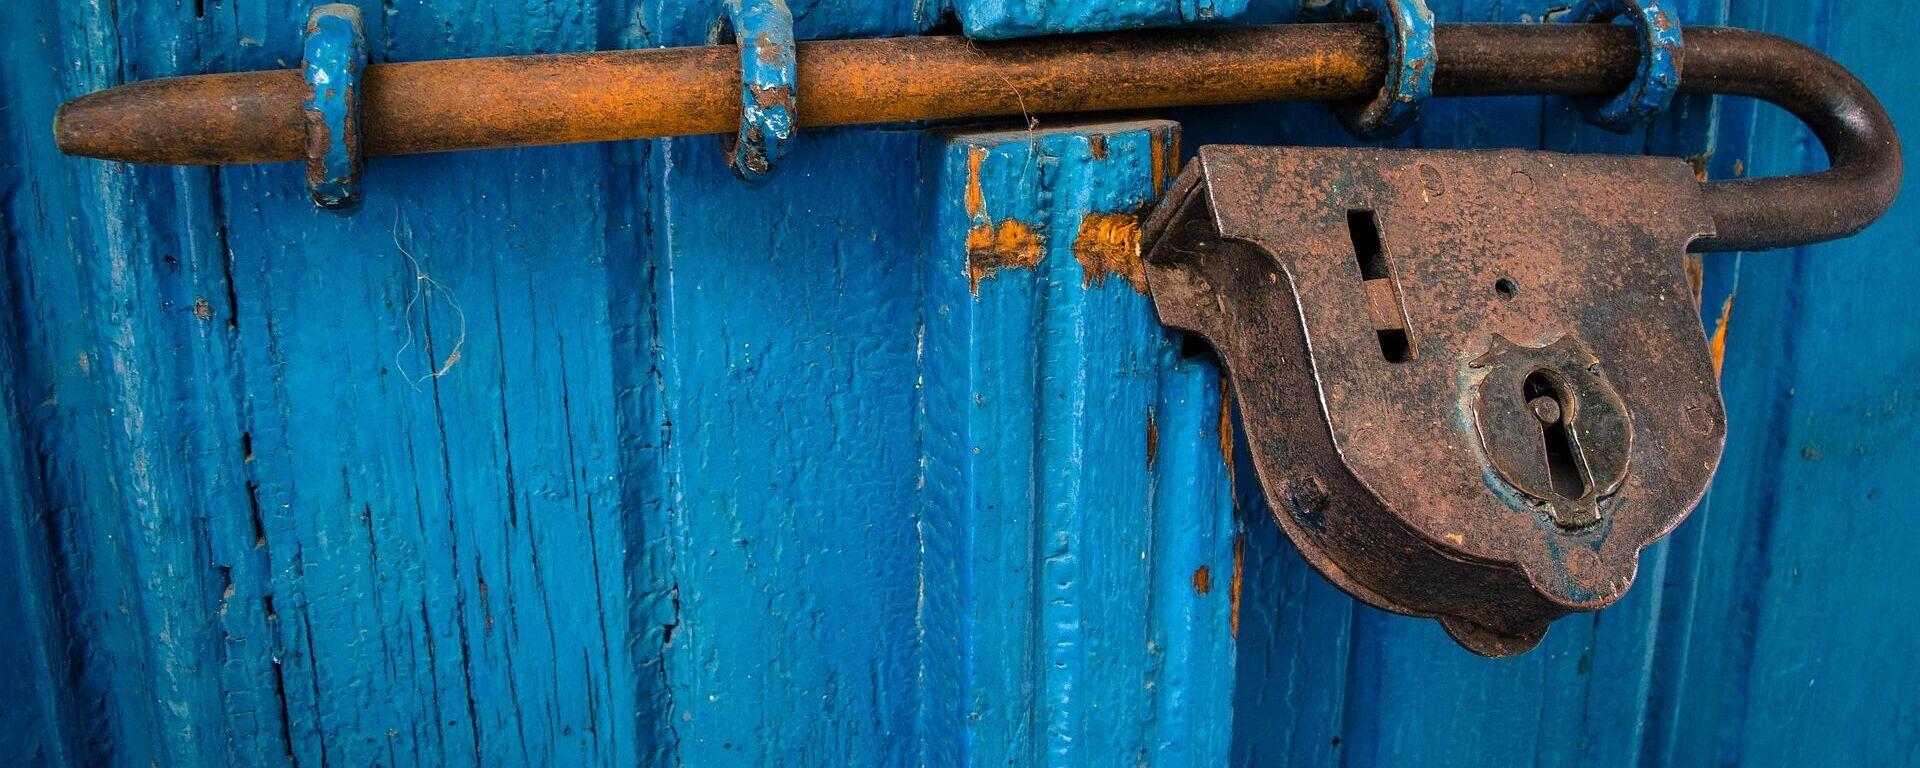 Una puerta cerrada con candado. Imagen referencial - Sputnik Mundo, 1920, 02.06.2021